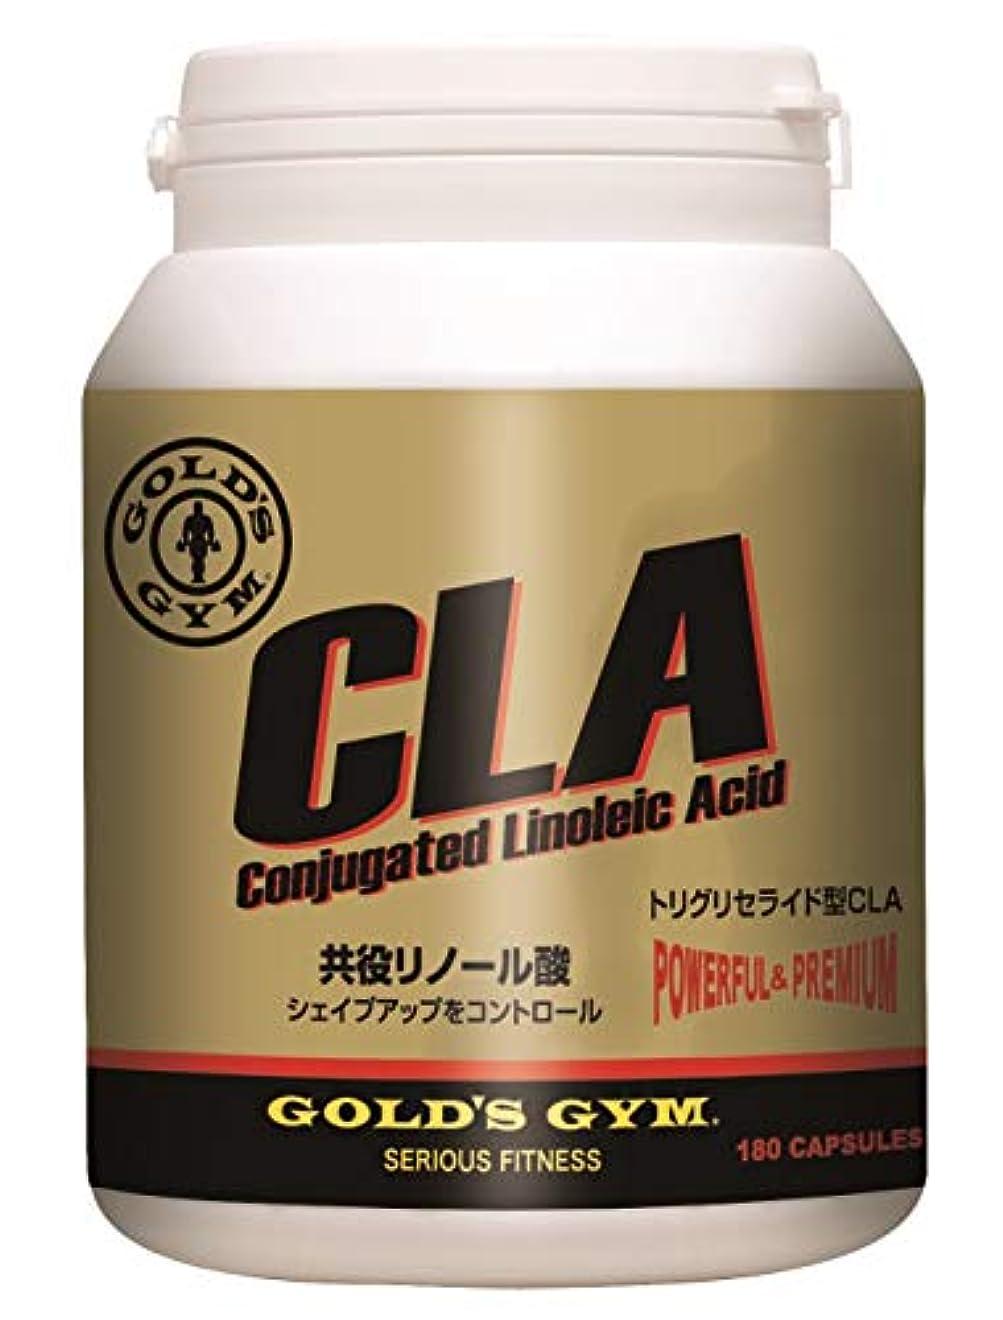 キャップ右覗くゴールドジム(GOLD'S GYM) CLA共役リノール酸 180粒